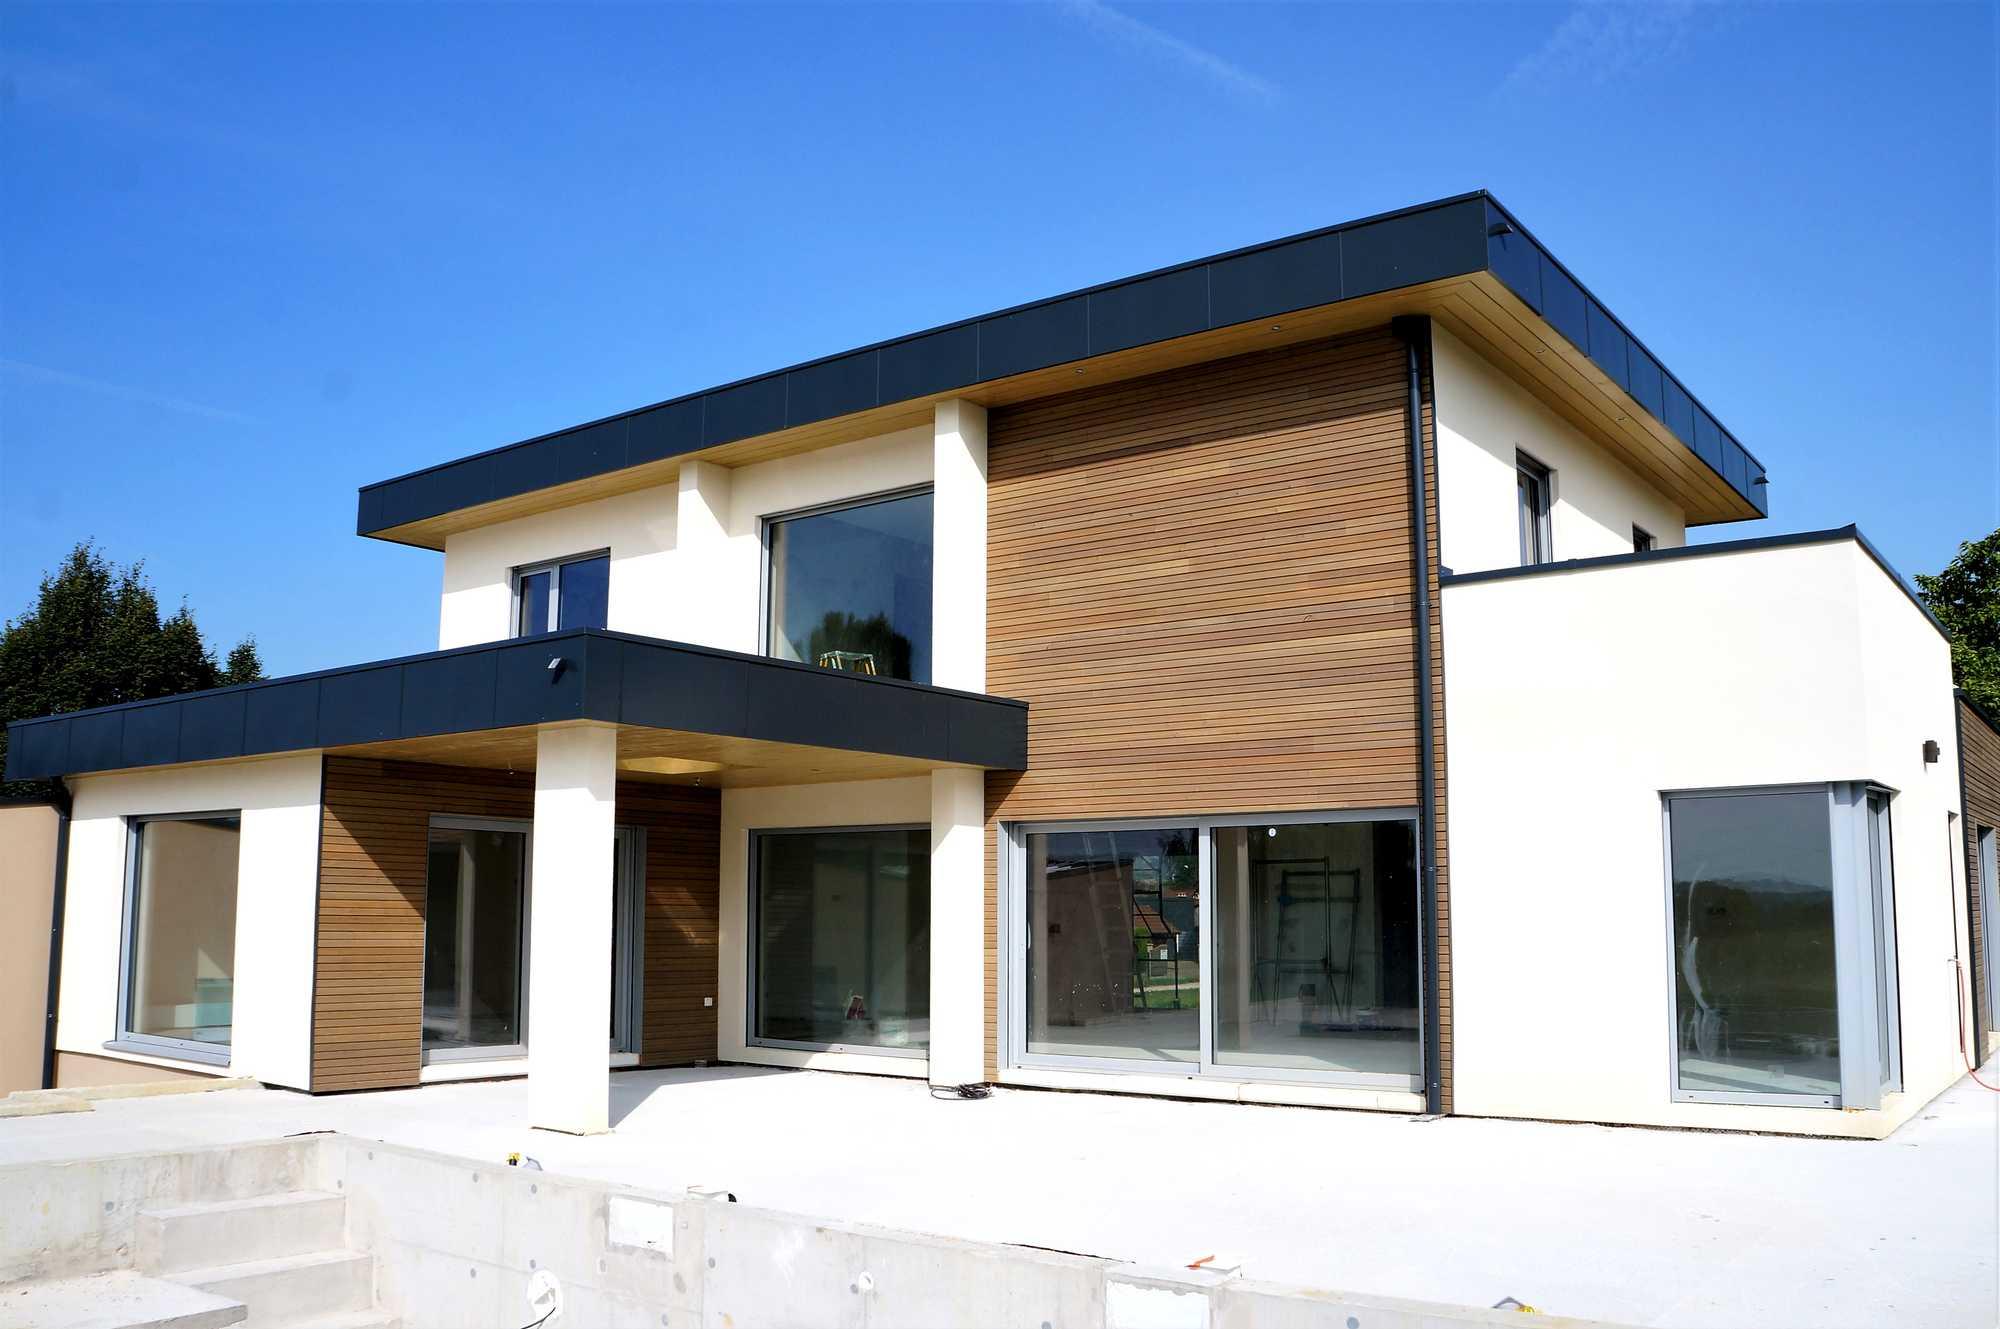 prix au m2 maison ossature bois latest prix m maison. Black Bedroom Furniture Sets. Home Design Ideas